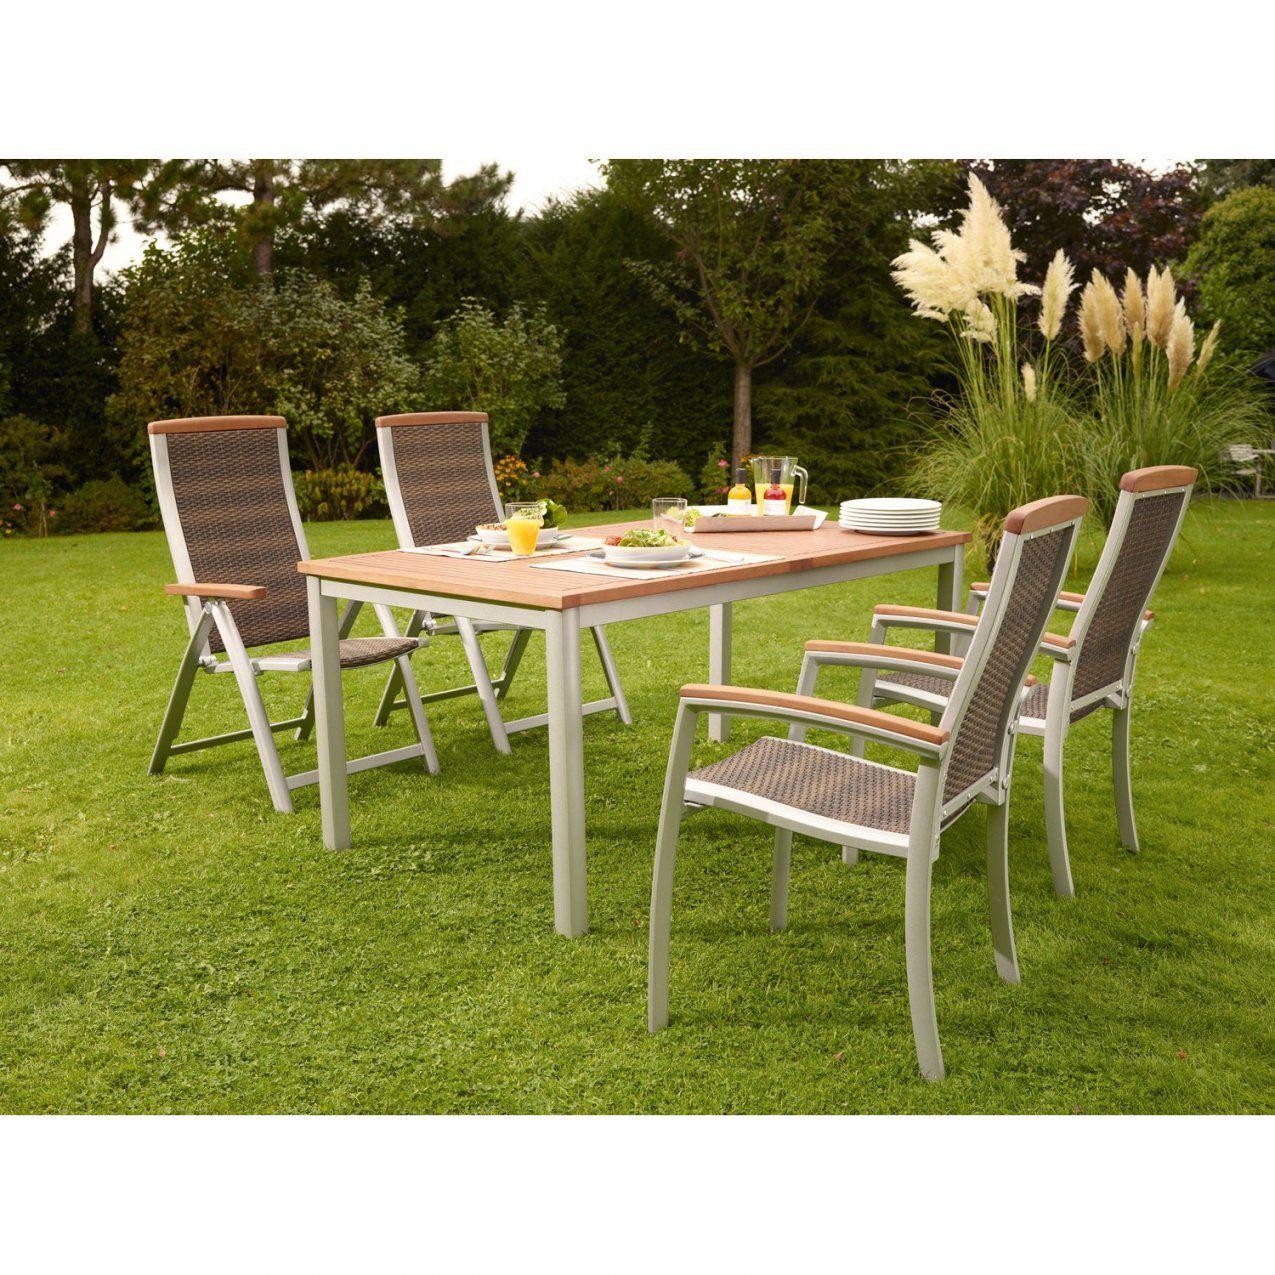 Obi Tisch Barrie 160 X 90 Cm Kaufen Bei Obi von Tisch Selber Bauen Obi Bild